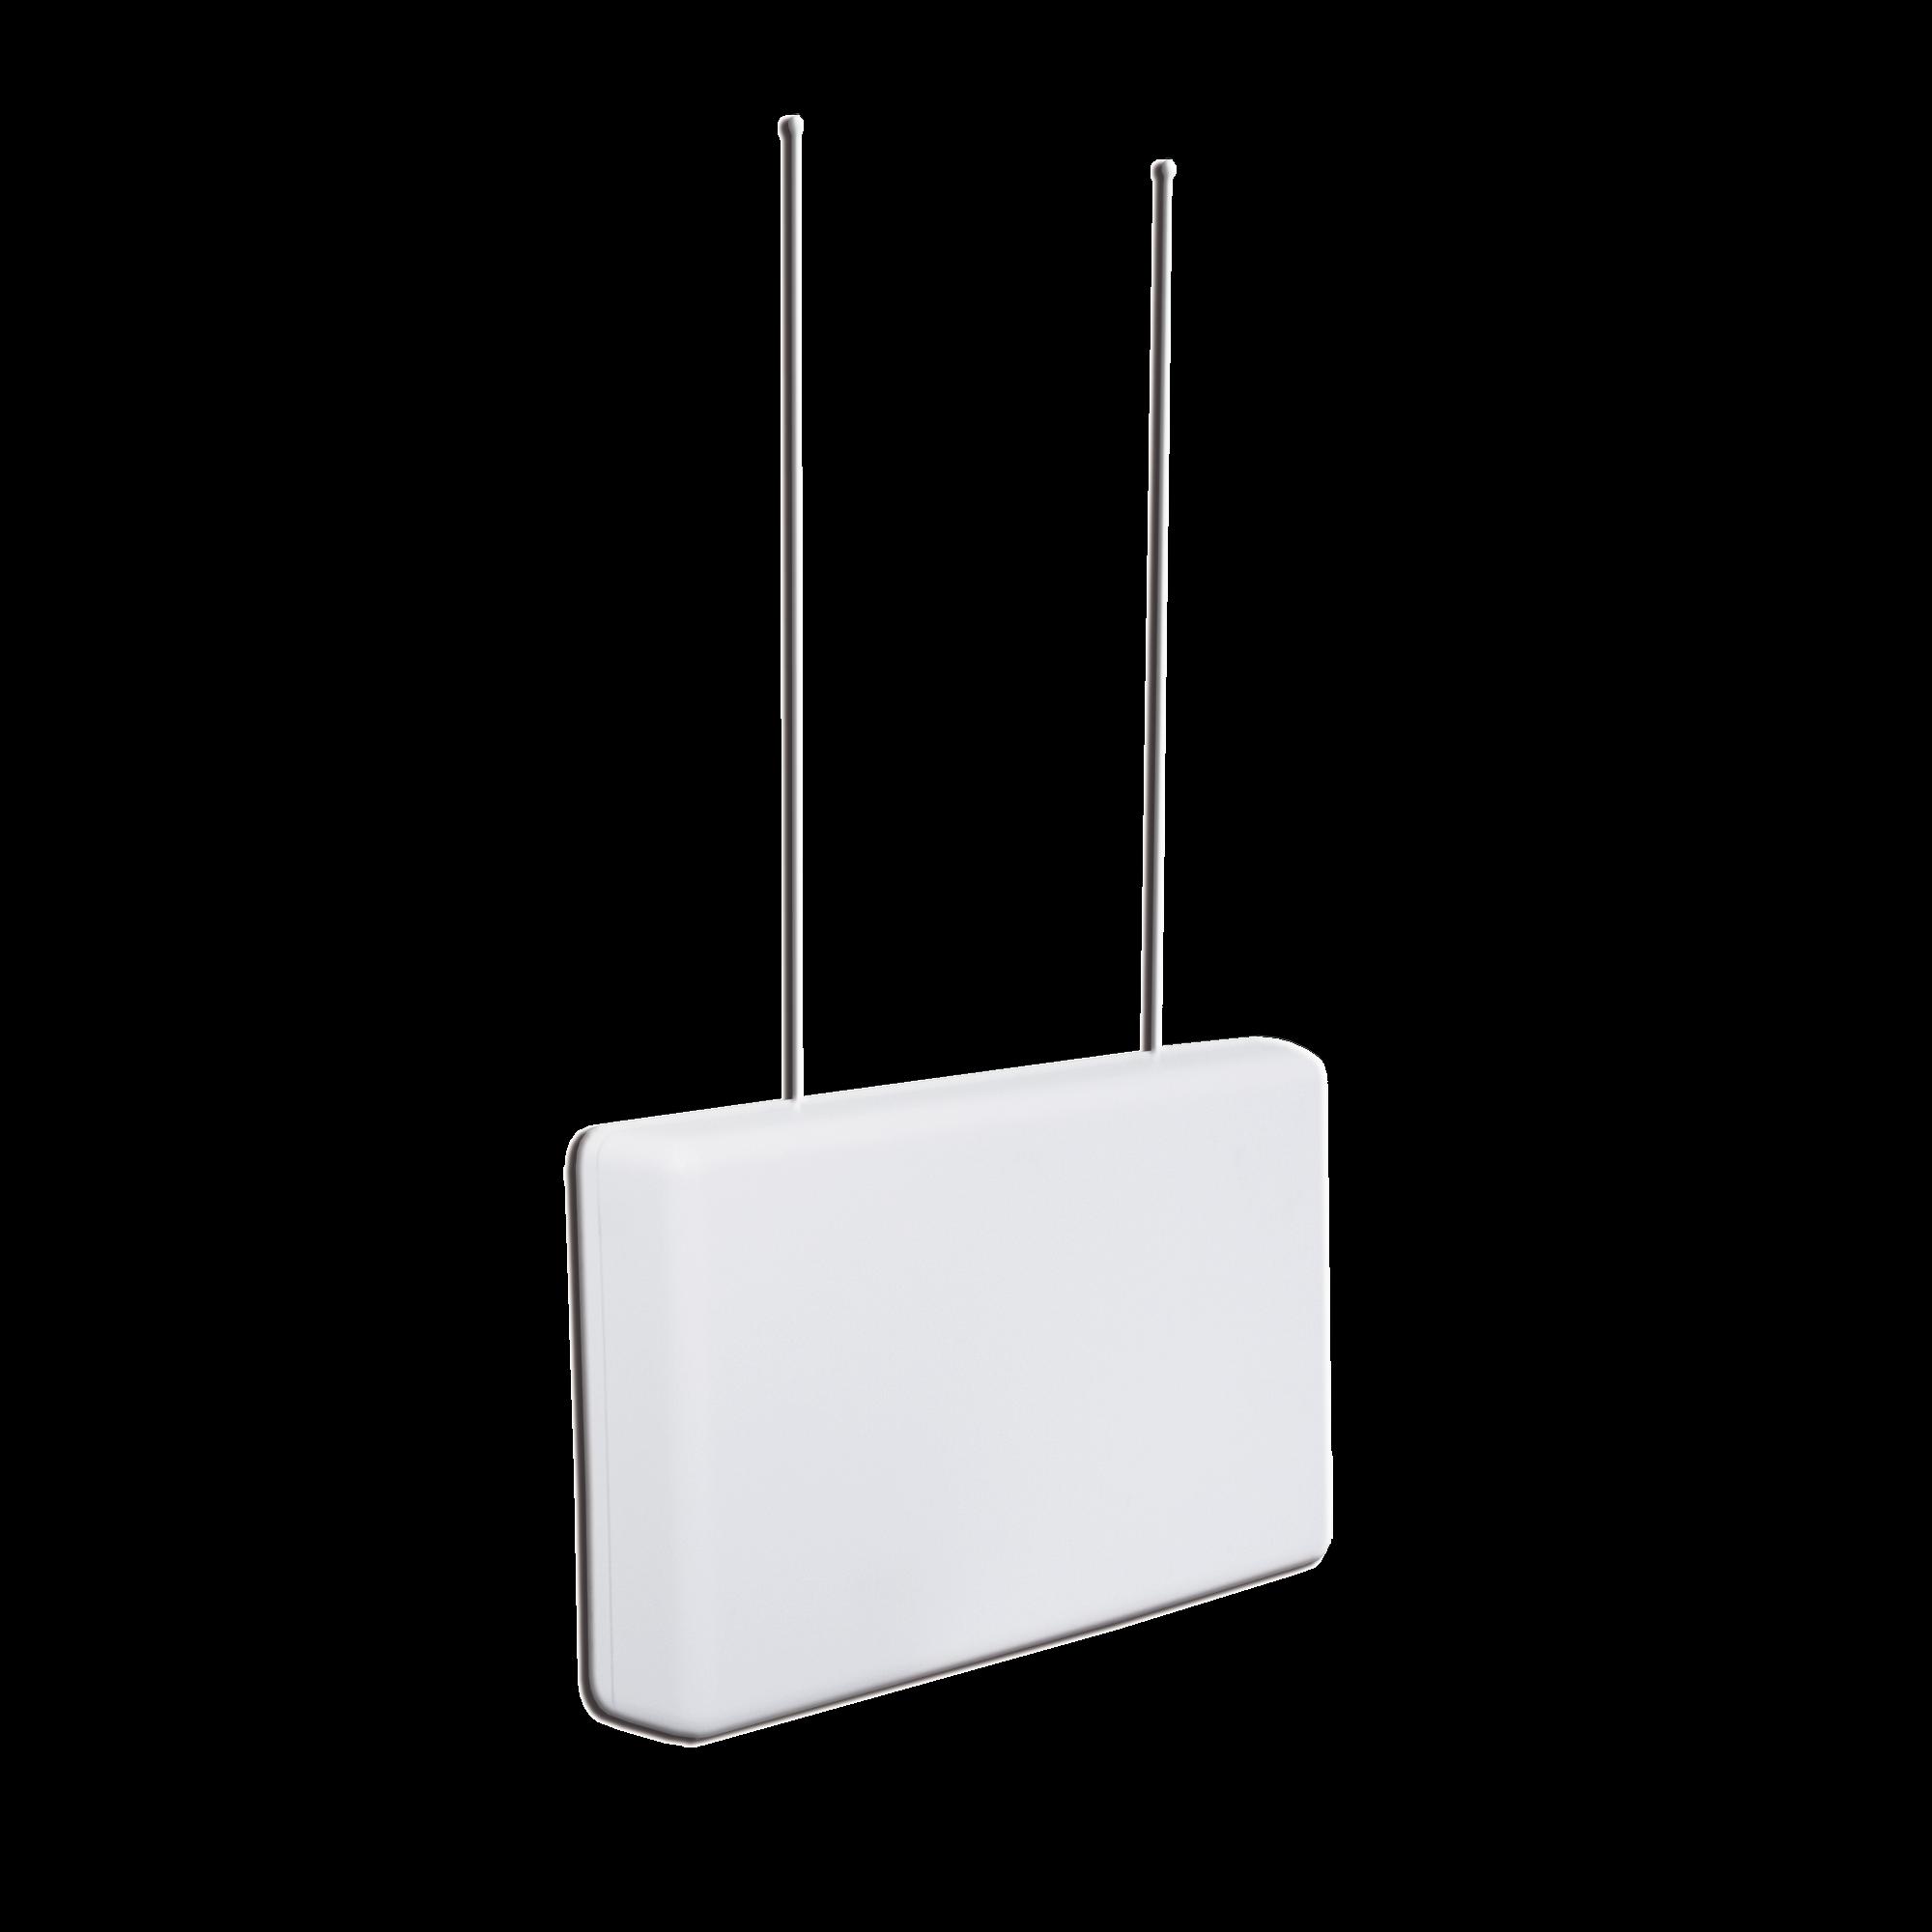 Receptor Inalambrico para la Serie 5800 de Honeywell, cubre el total de zonas que acepte el panel de alarma